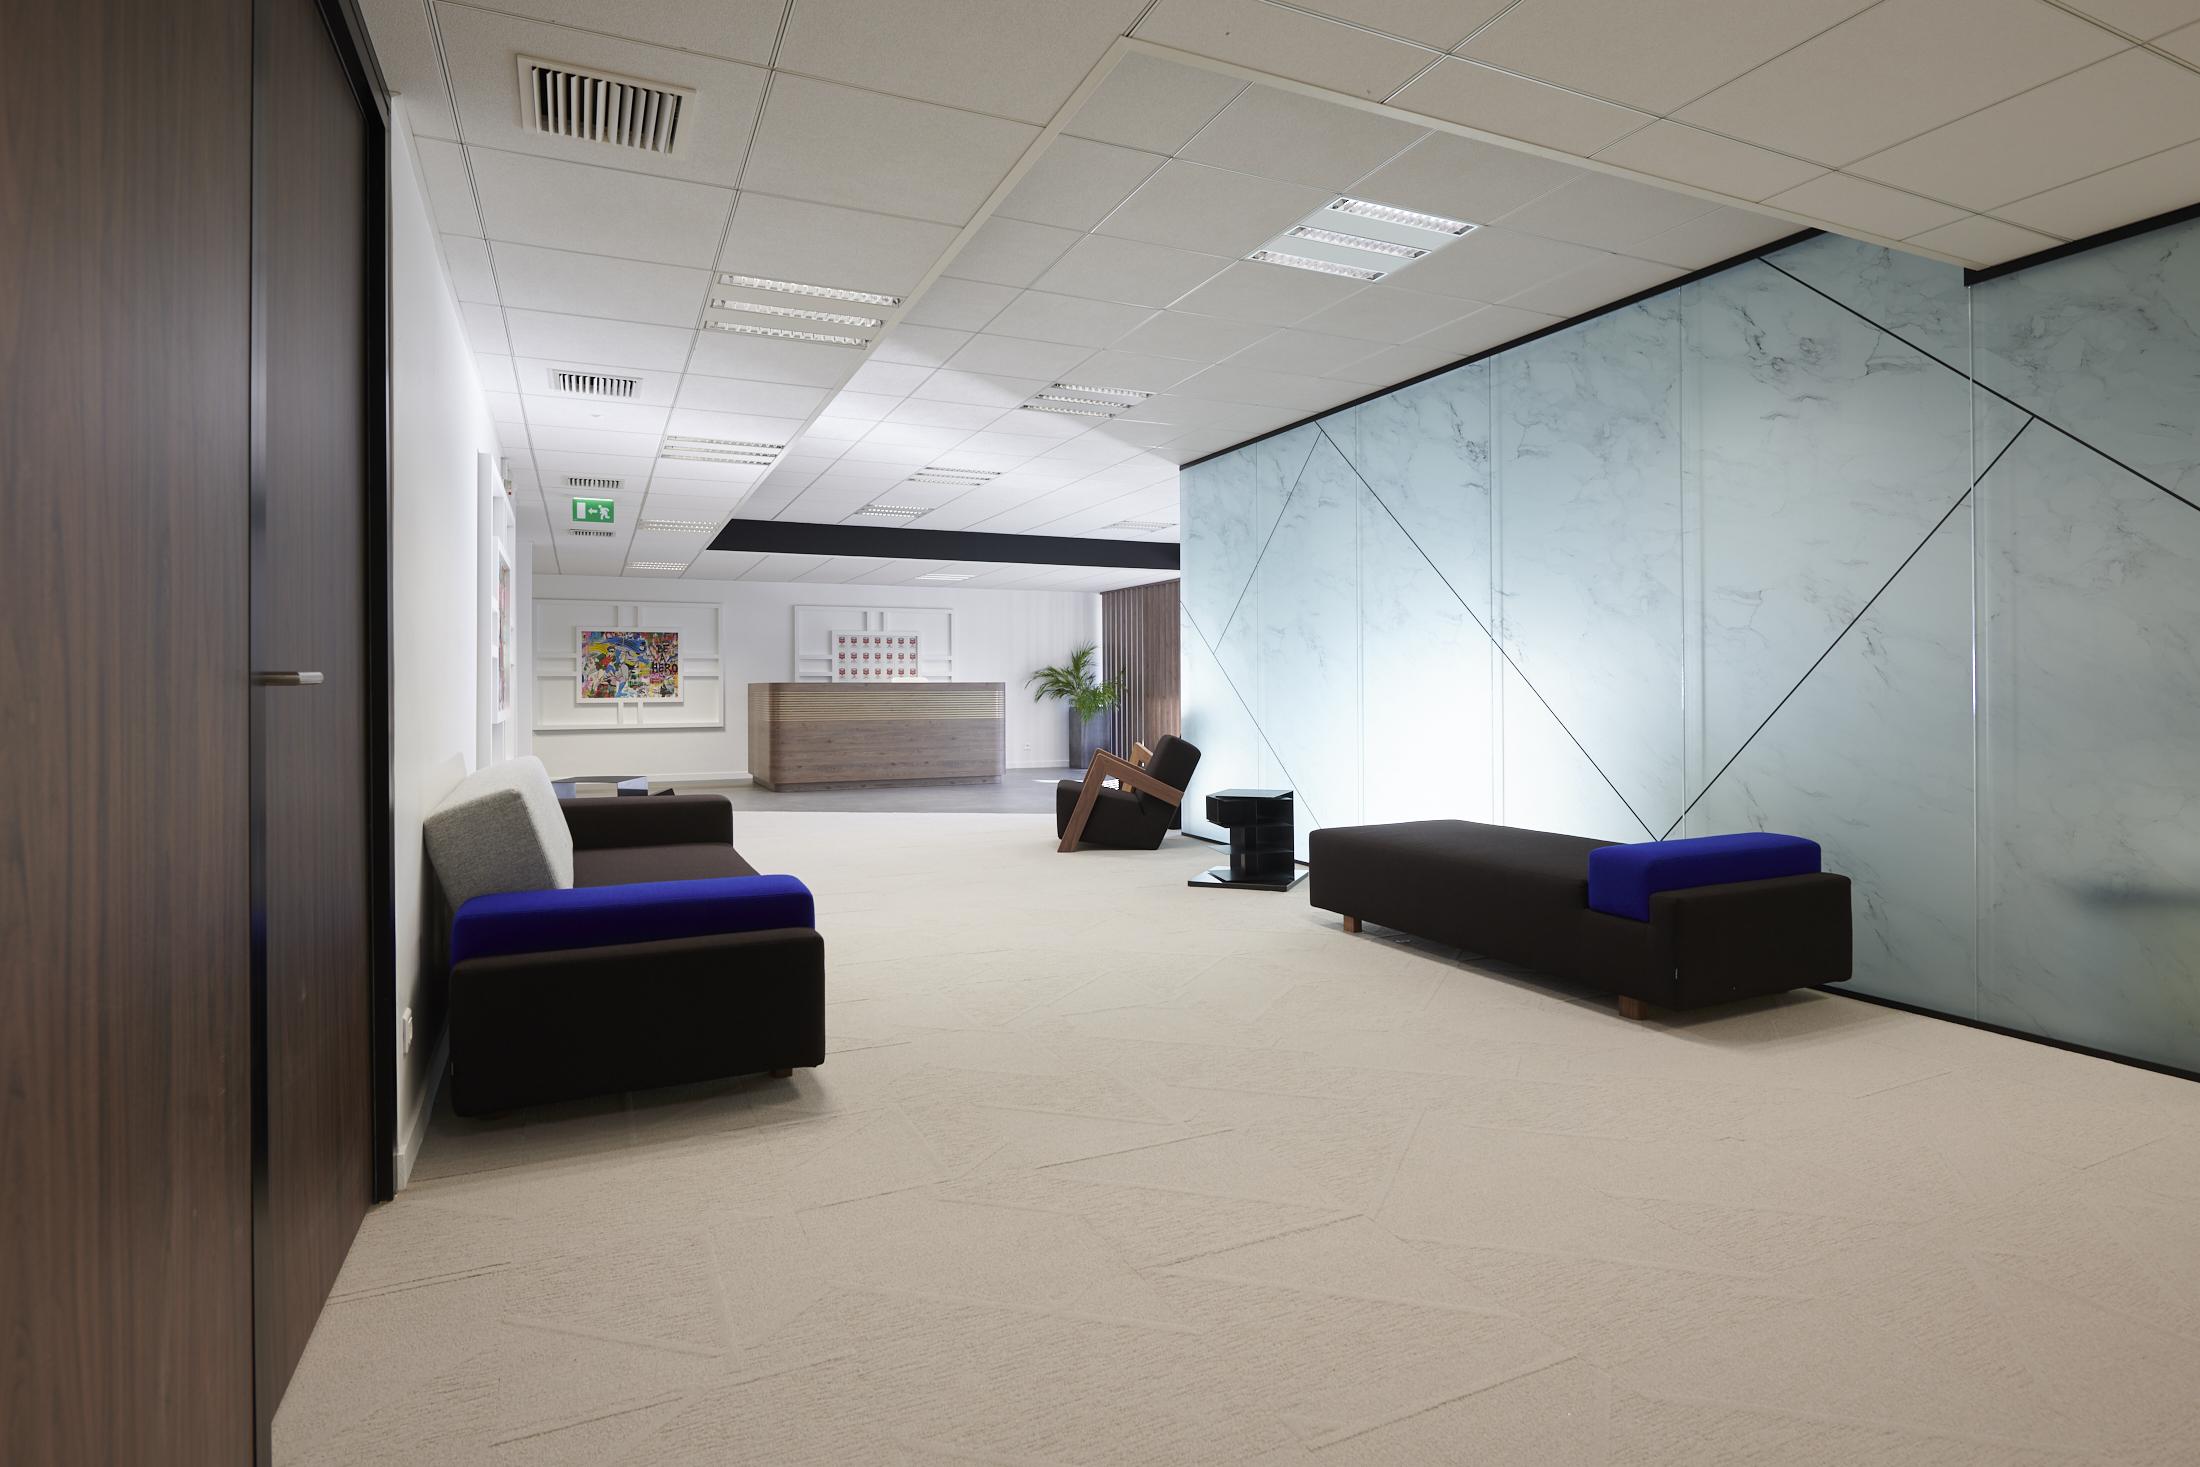 espace d'accueil-canapé-banquette-faux plafond-moquette acoustique